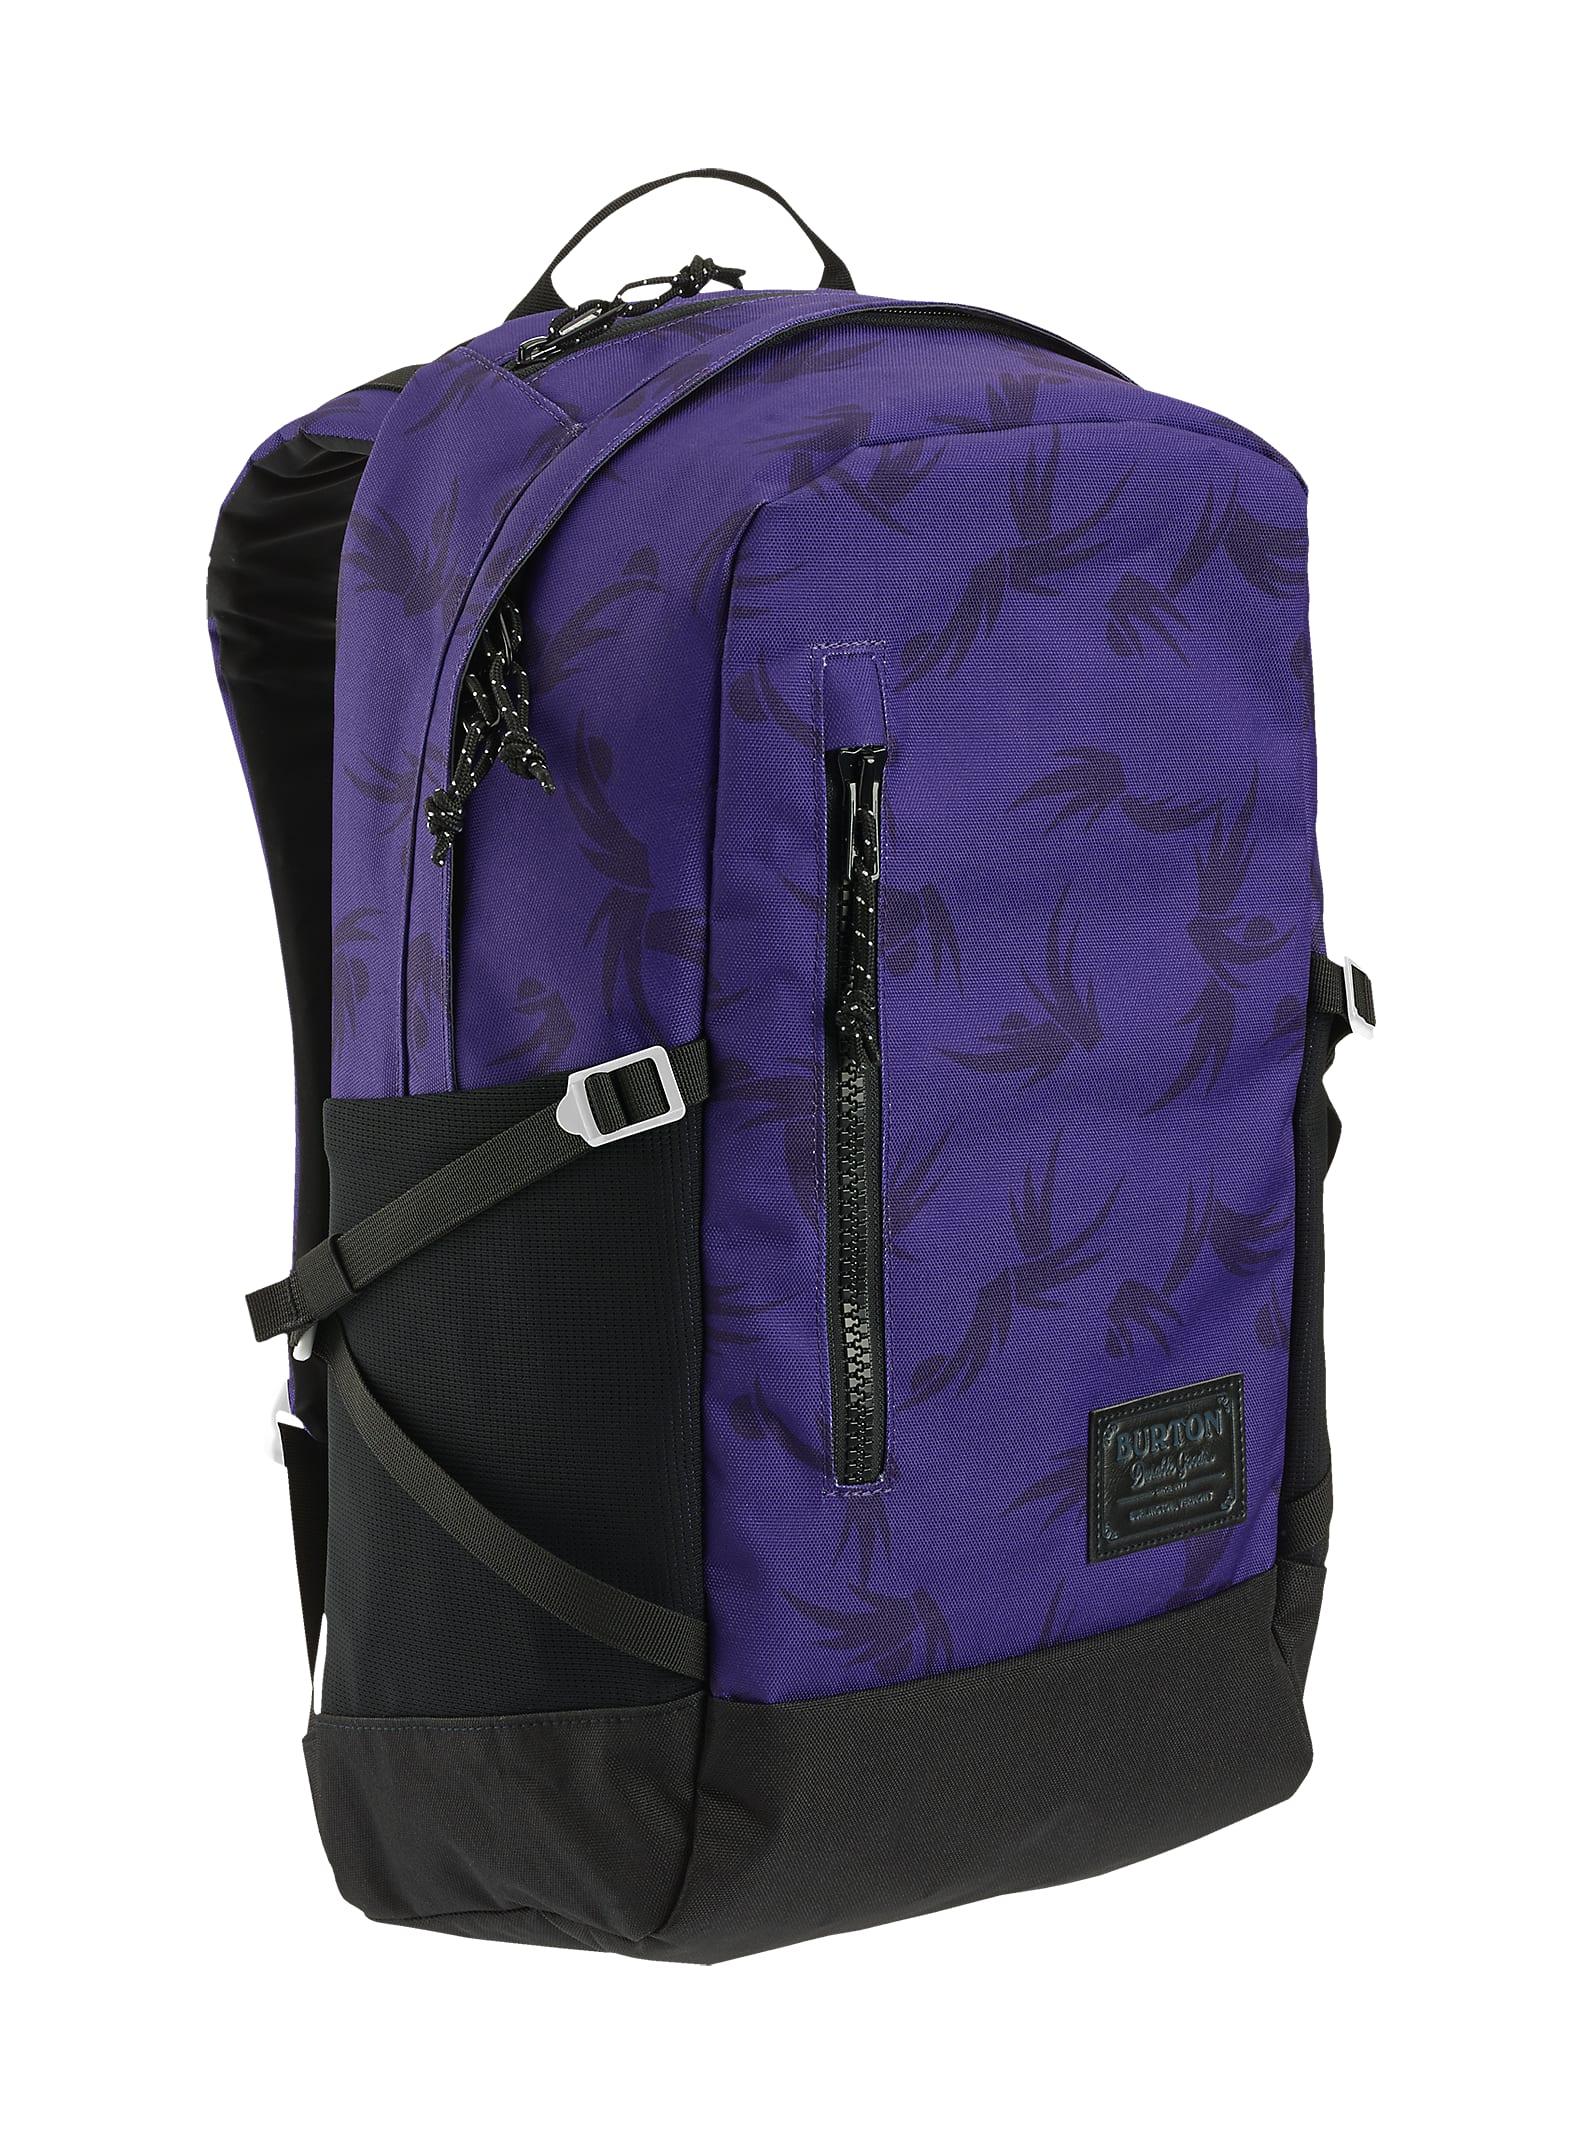 fed0d619ab Burton Women's Prospect Backpack